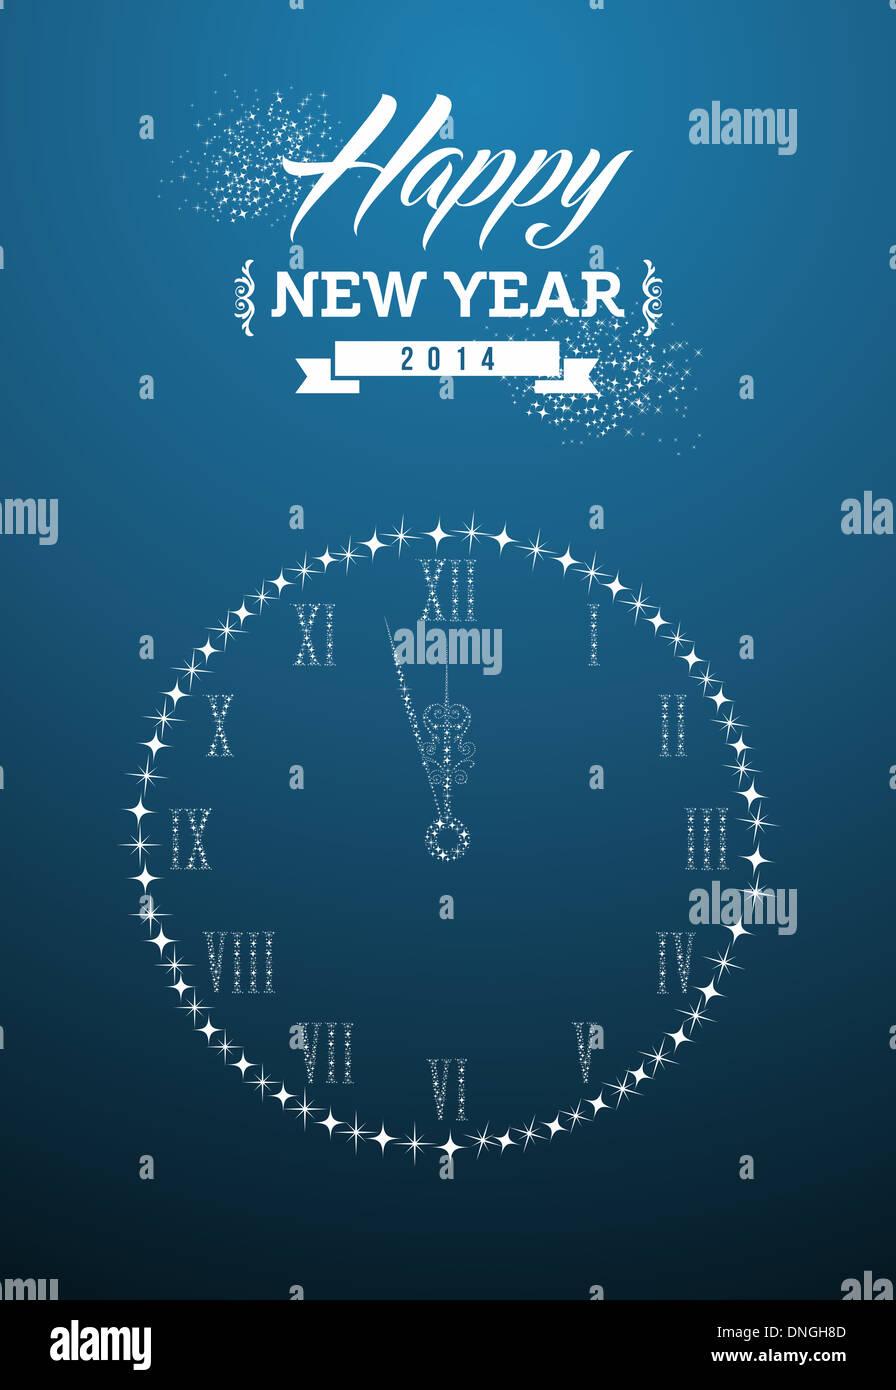 Happy New Year 2014 Holidays Contemporary Invitation Card